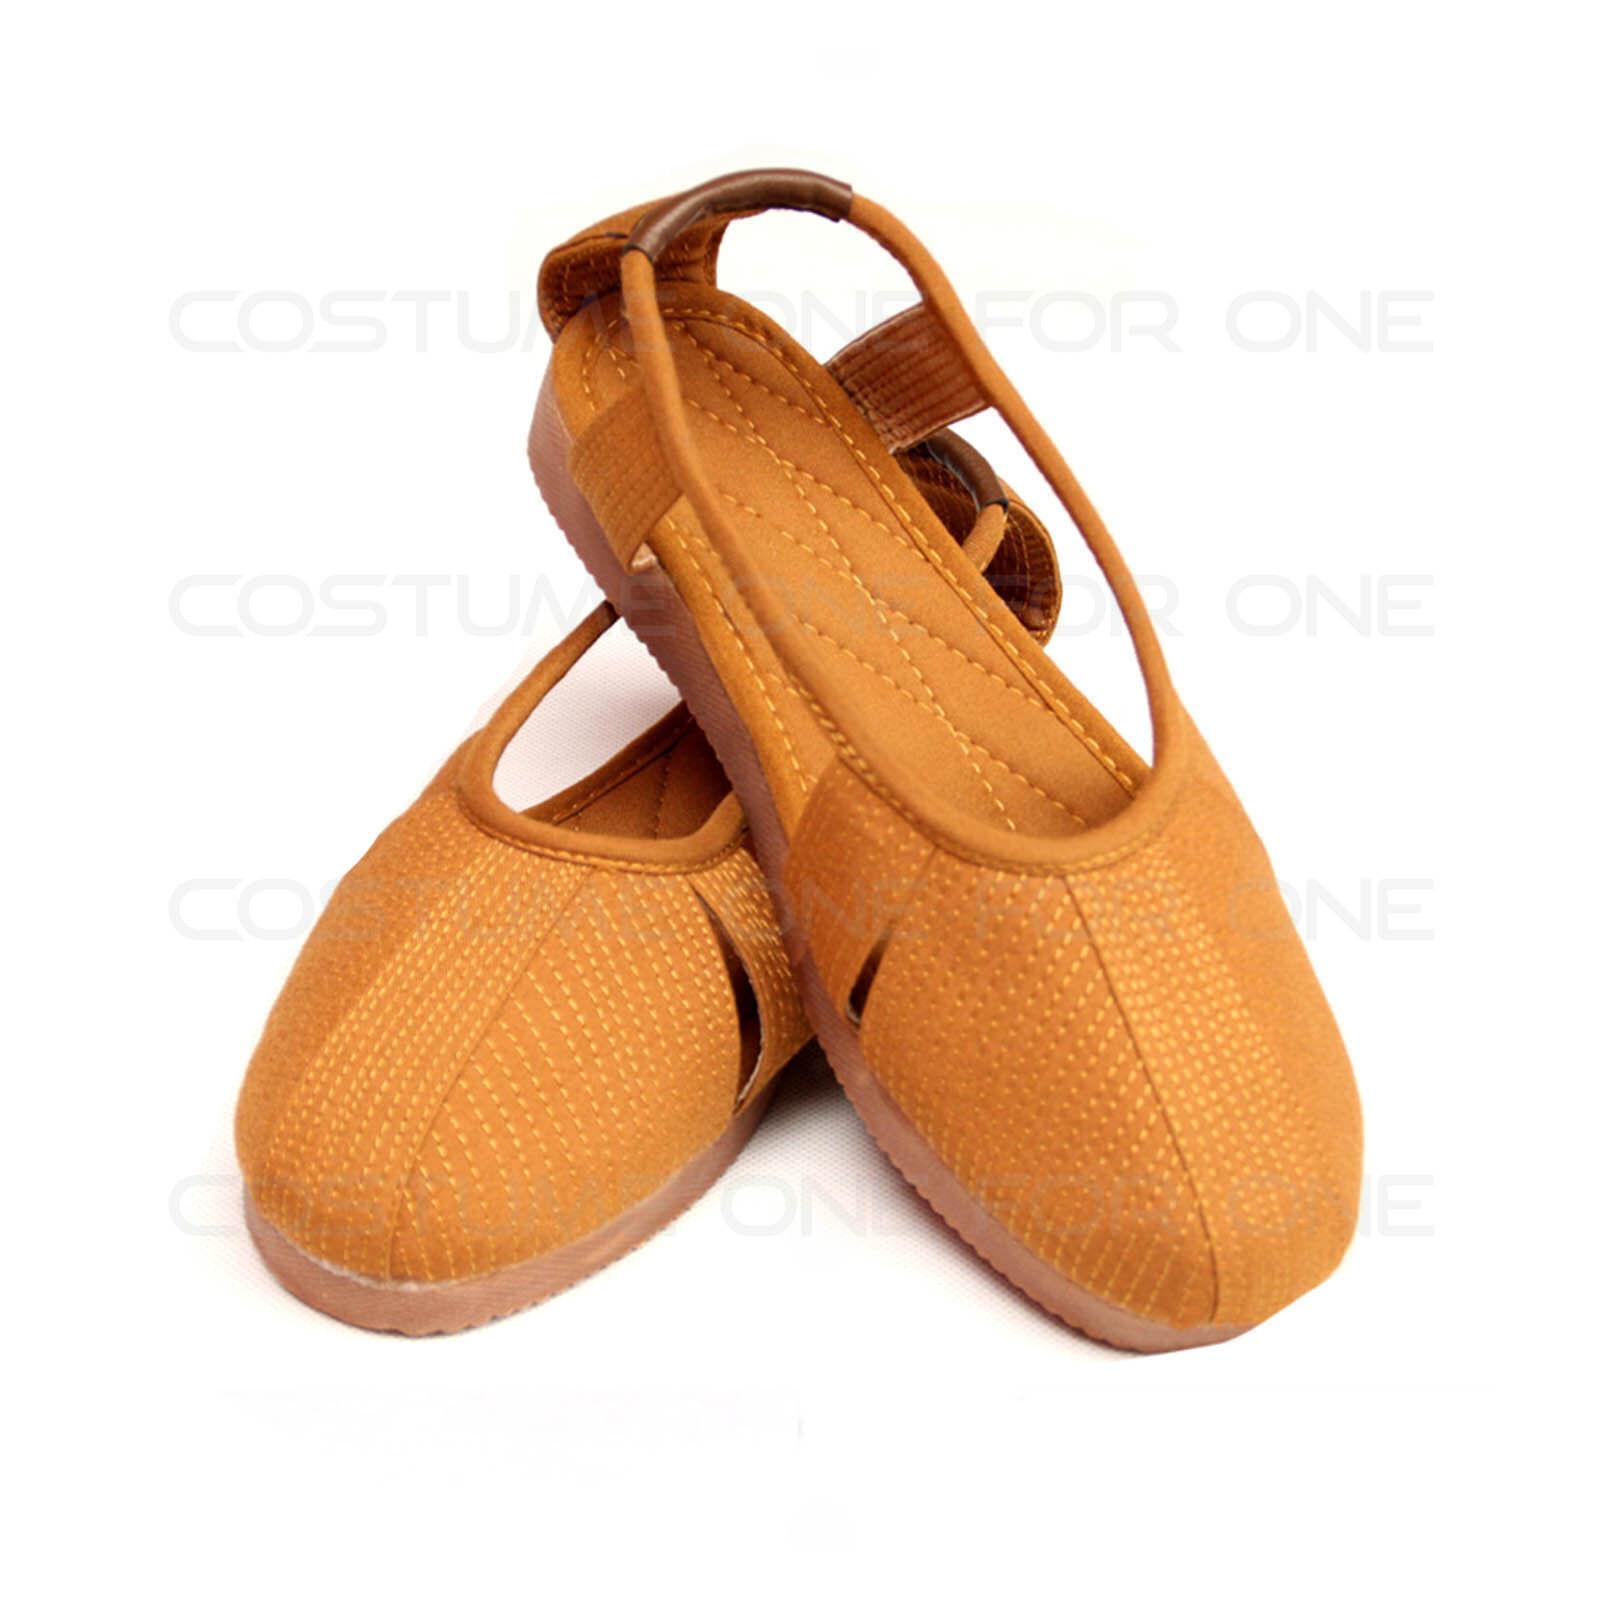 Zen Buddhist Meditation Meditation Meditation Temple Klerus Monk Kungfu Stoffschu Arhat Footwear Top | Vogue  | Züchtungen Eingeführt Werden Eine Nach Der Anderen  | Ich kann es nicht ablegen  99aadc